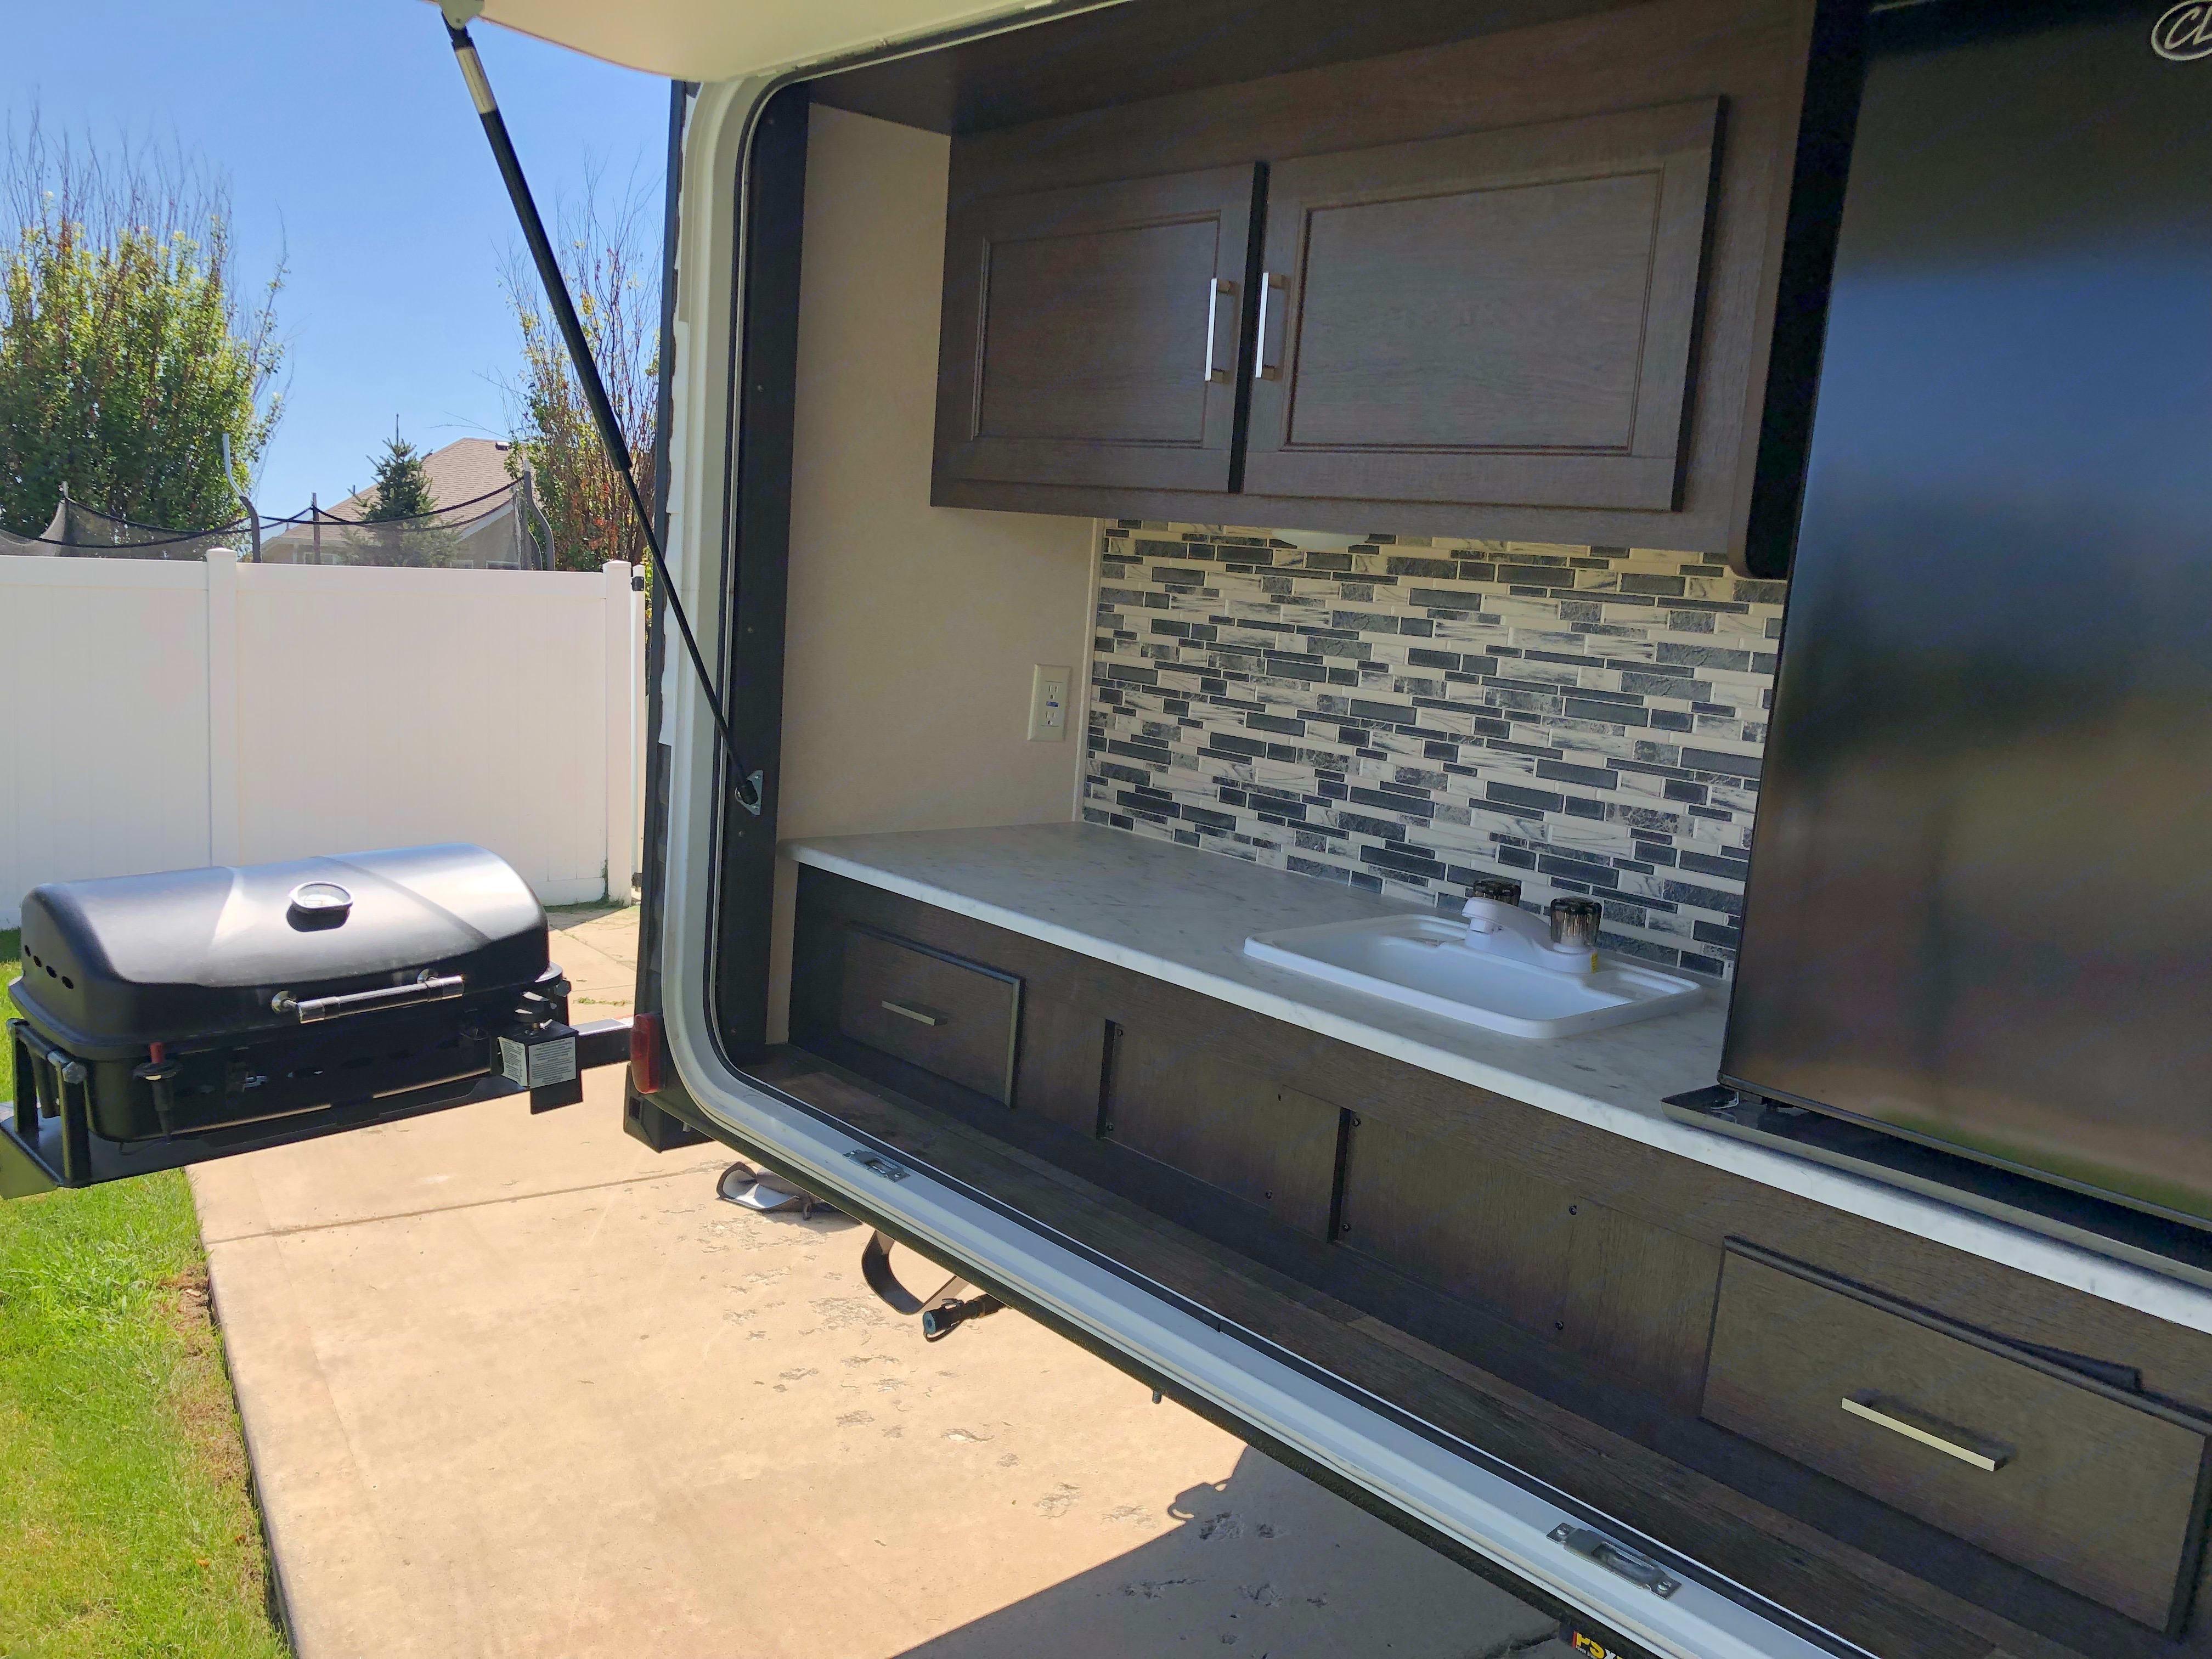 Outdoor Kitchen. Forest River Salem Cruise Lite 2019